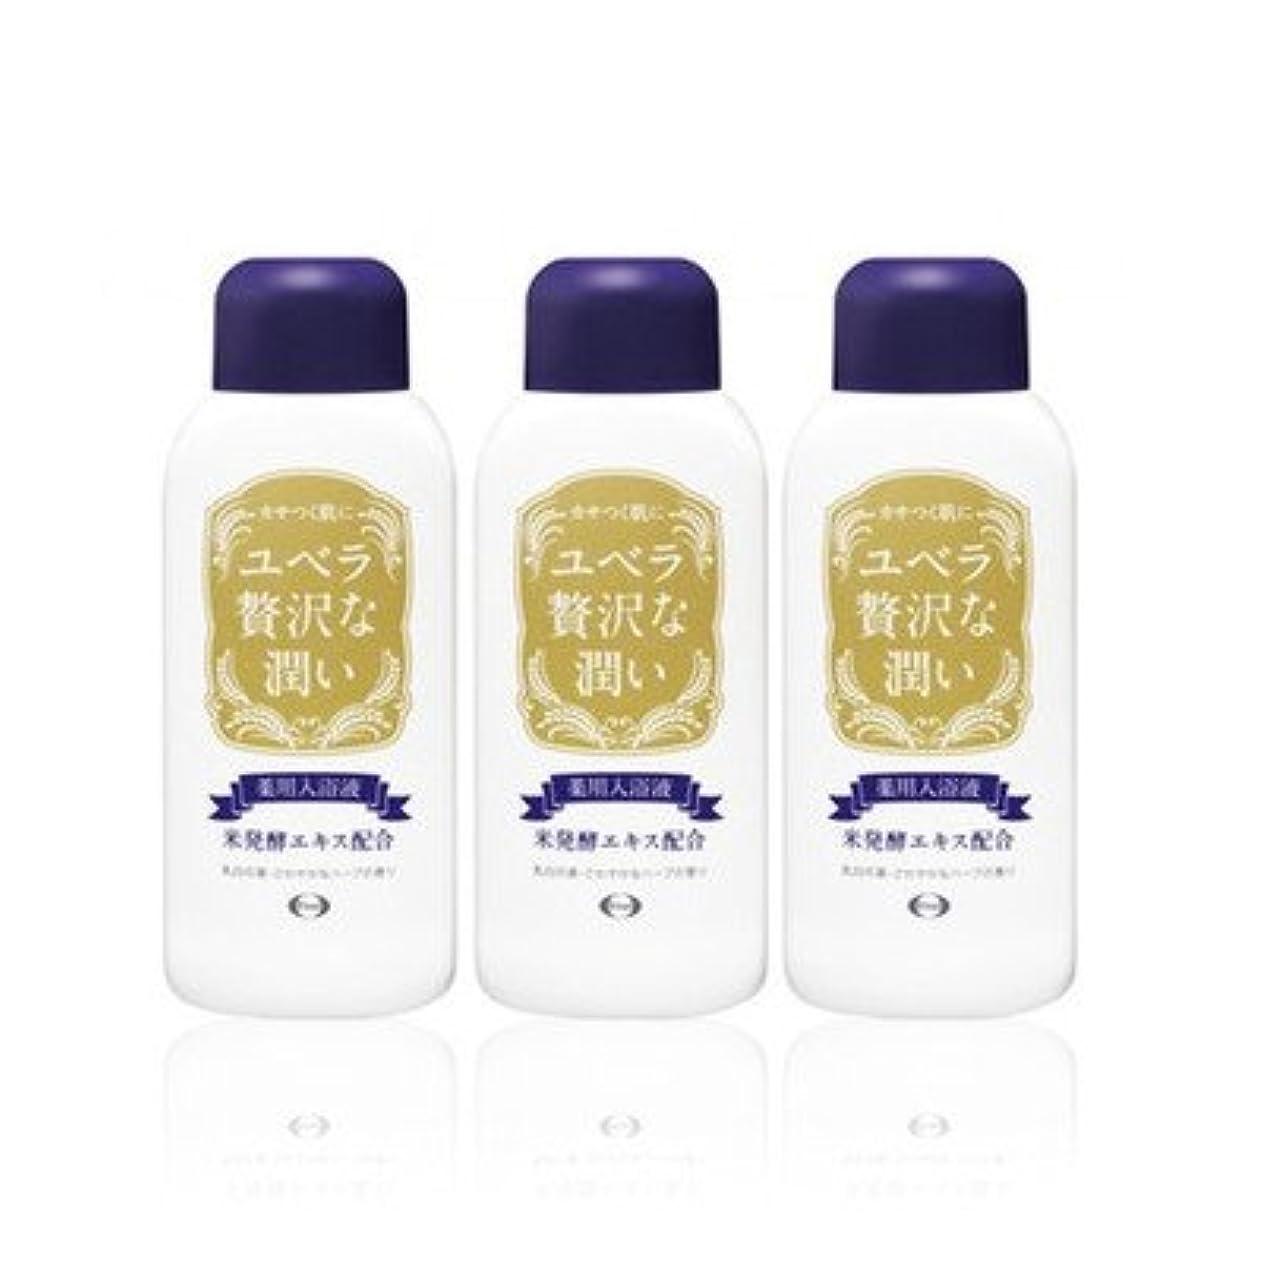 特許無許可クアッガエーザイ ユベラ 贅沢な潤い 薬用入浴液 600mL 約12回分×3本 セット 医薬部外品 薬用スキンケア エーザイ ビタミンE 保湿 冷え症 腰痛リウマチ にきび しもやけ 痔